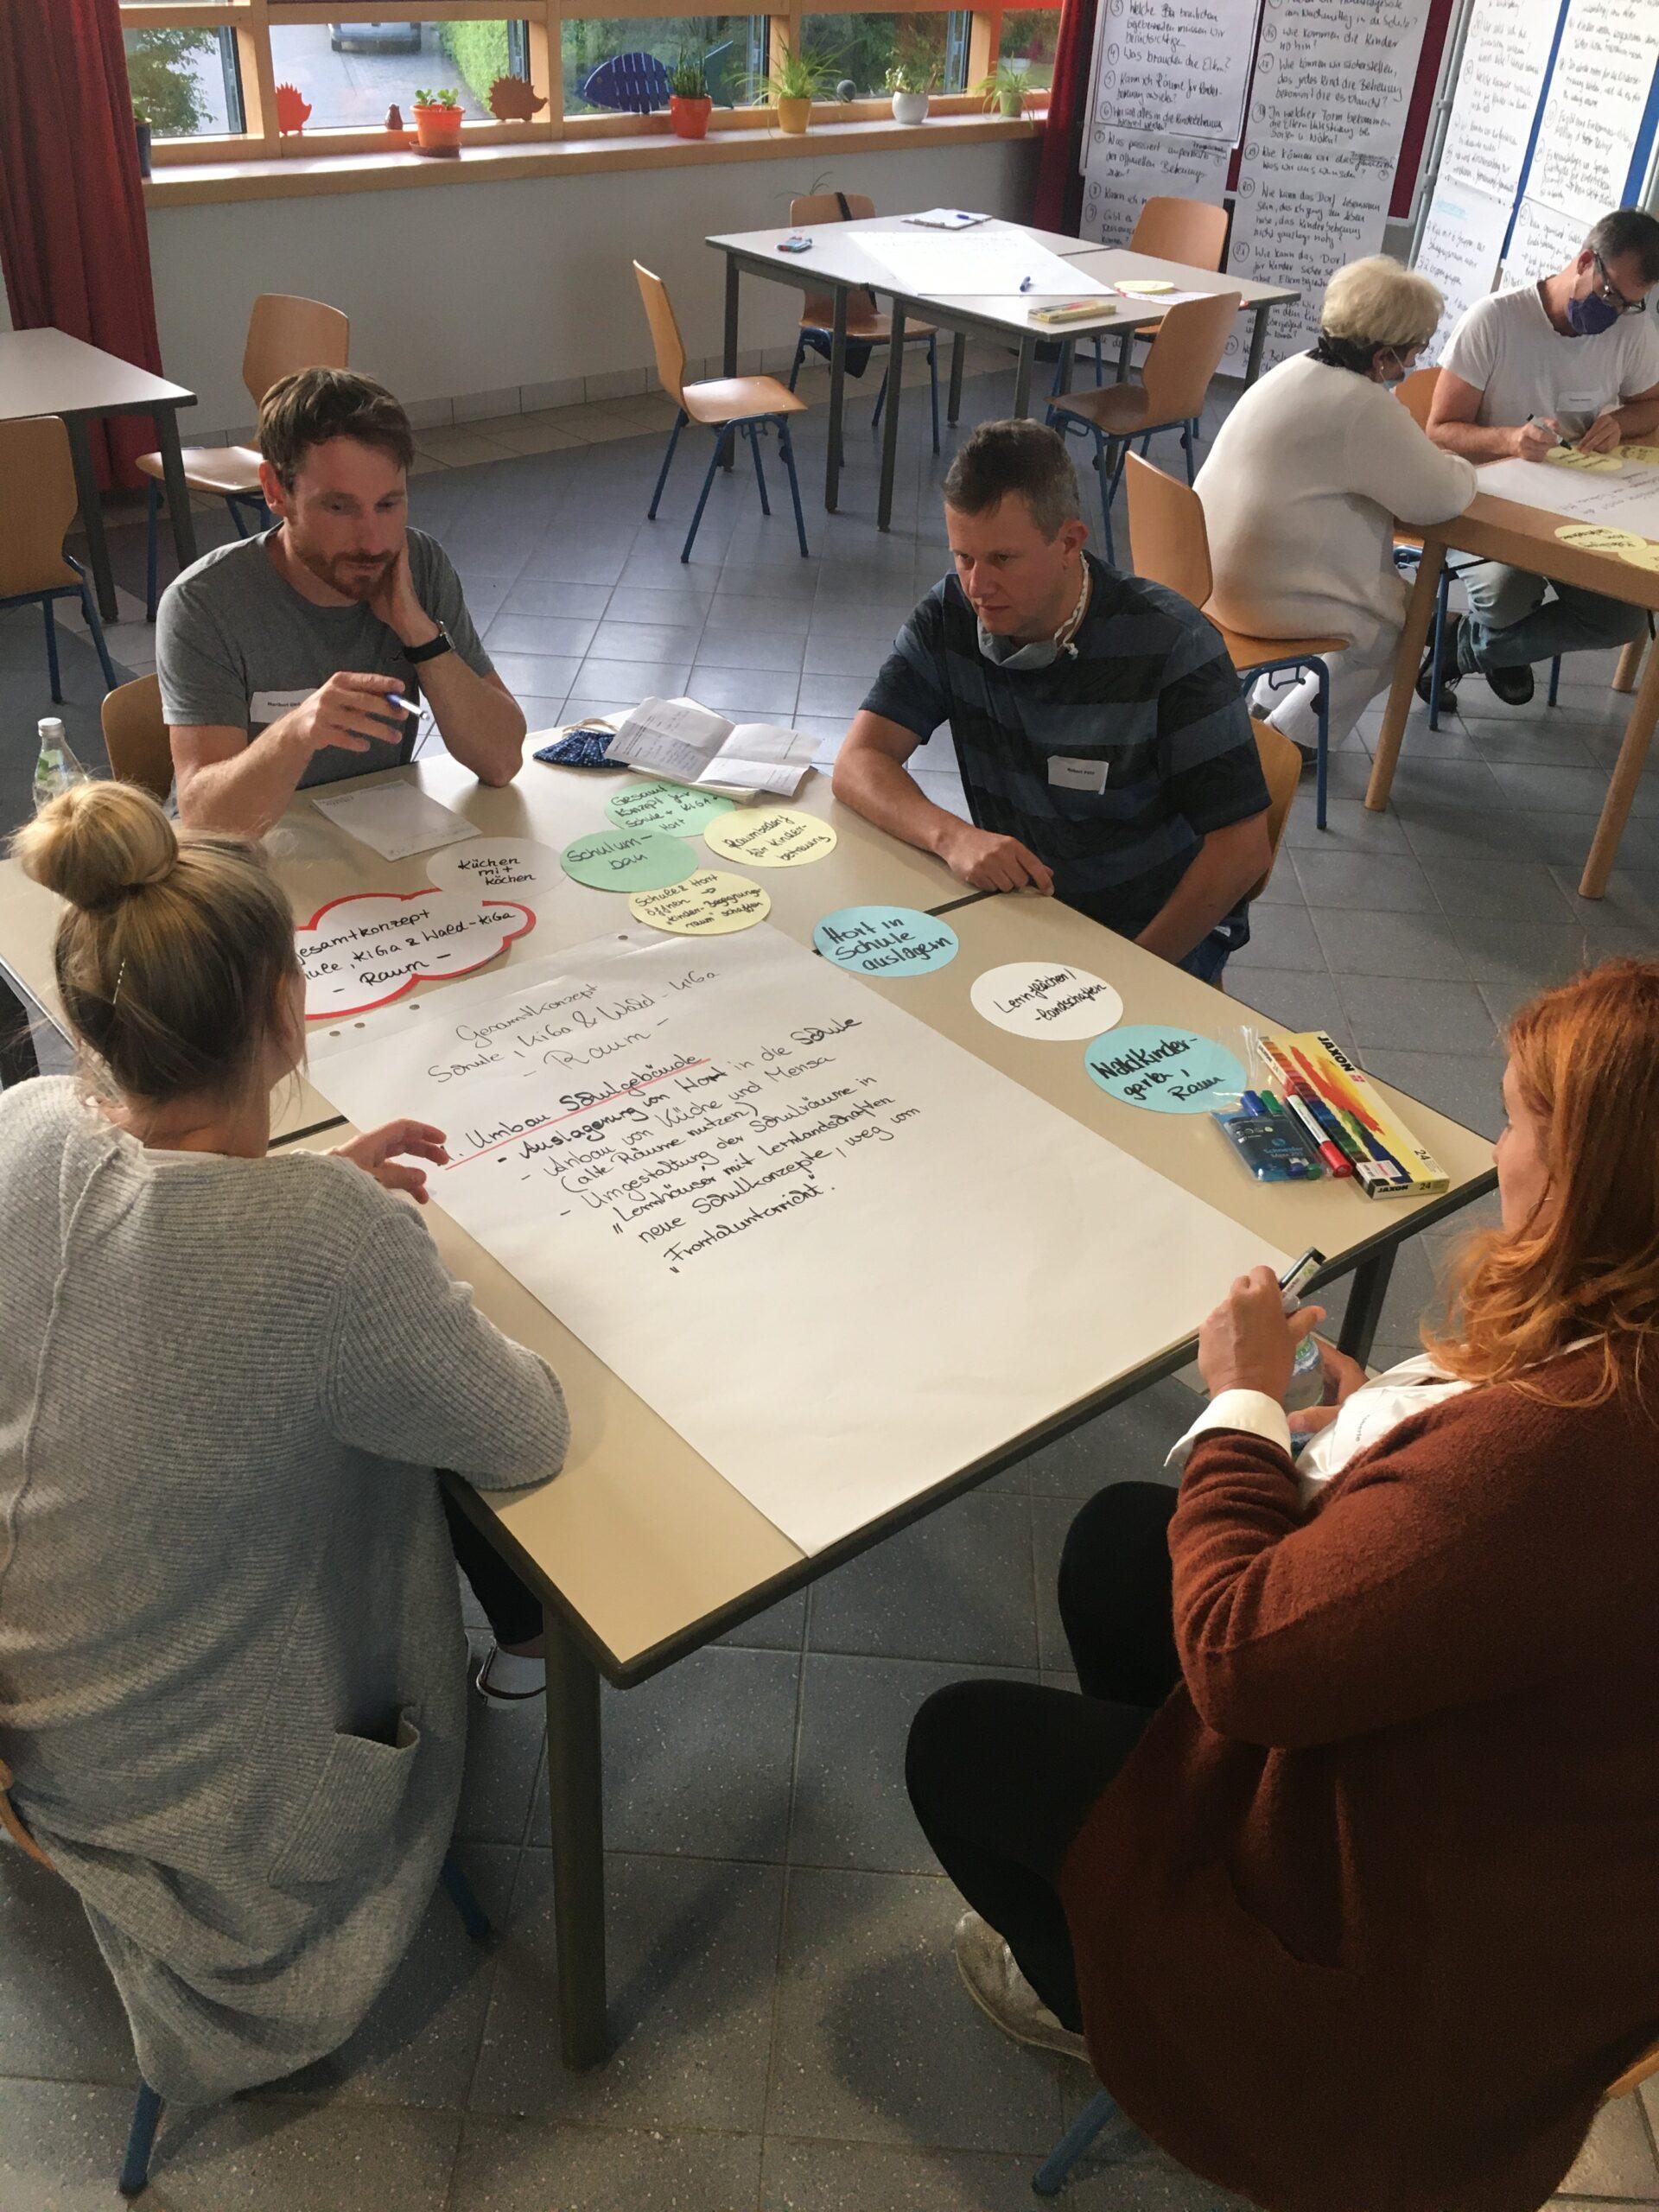 Gruppenarbeit im Bürgerrat - die Teilnehmer bereiten ihre Präsentation vor